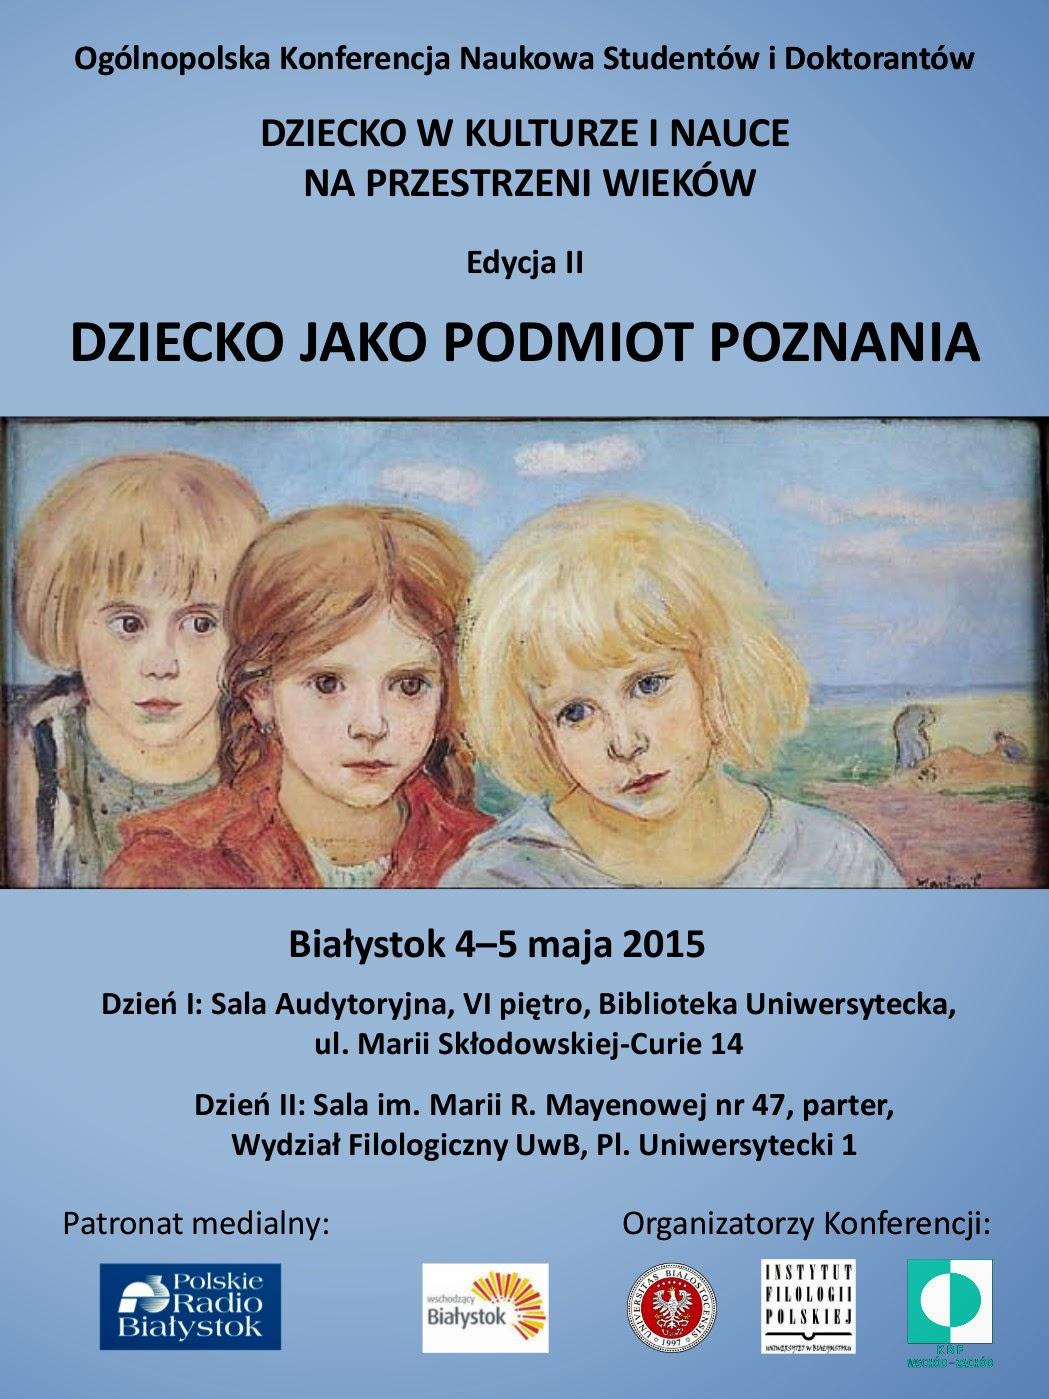 http://dzieckonaprzestrzeniwiekow.blogspot.com/p/program.html